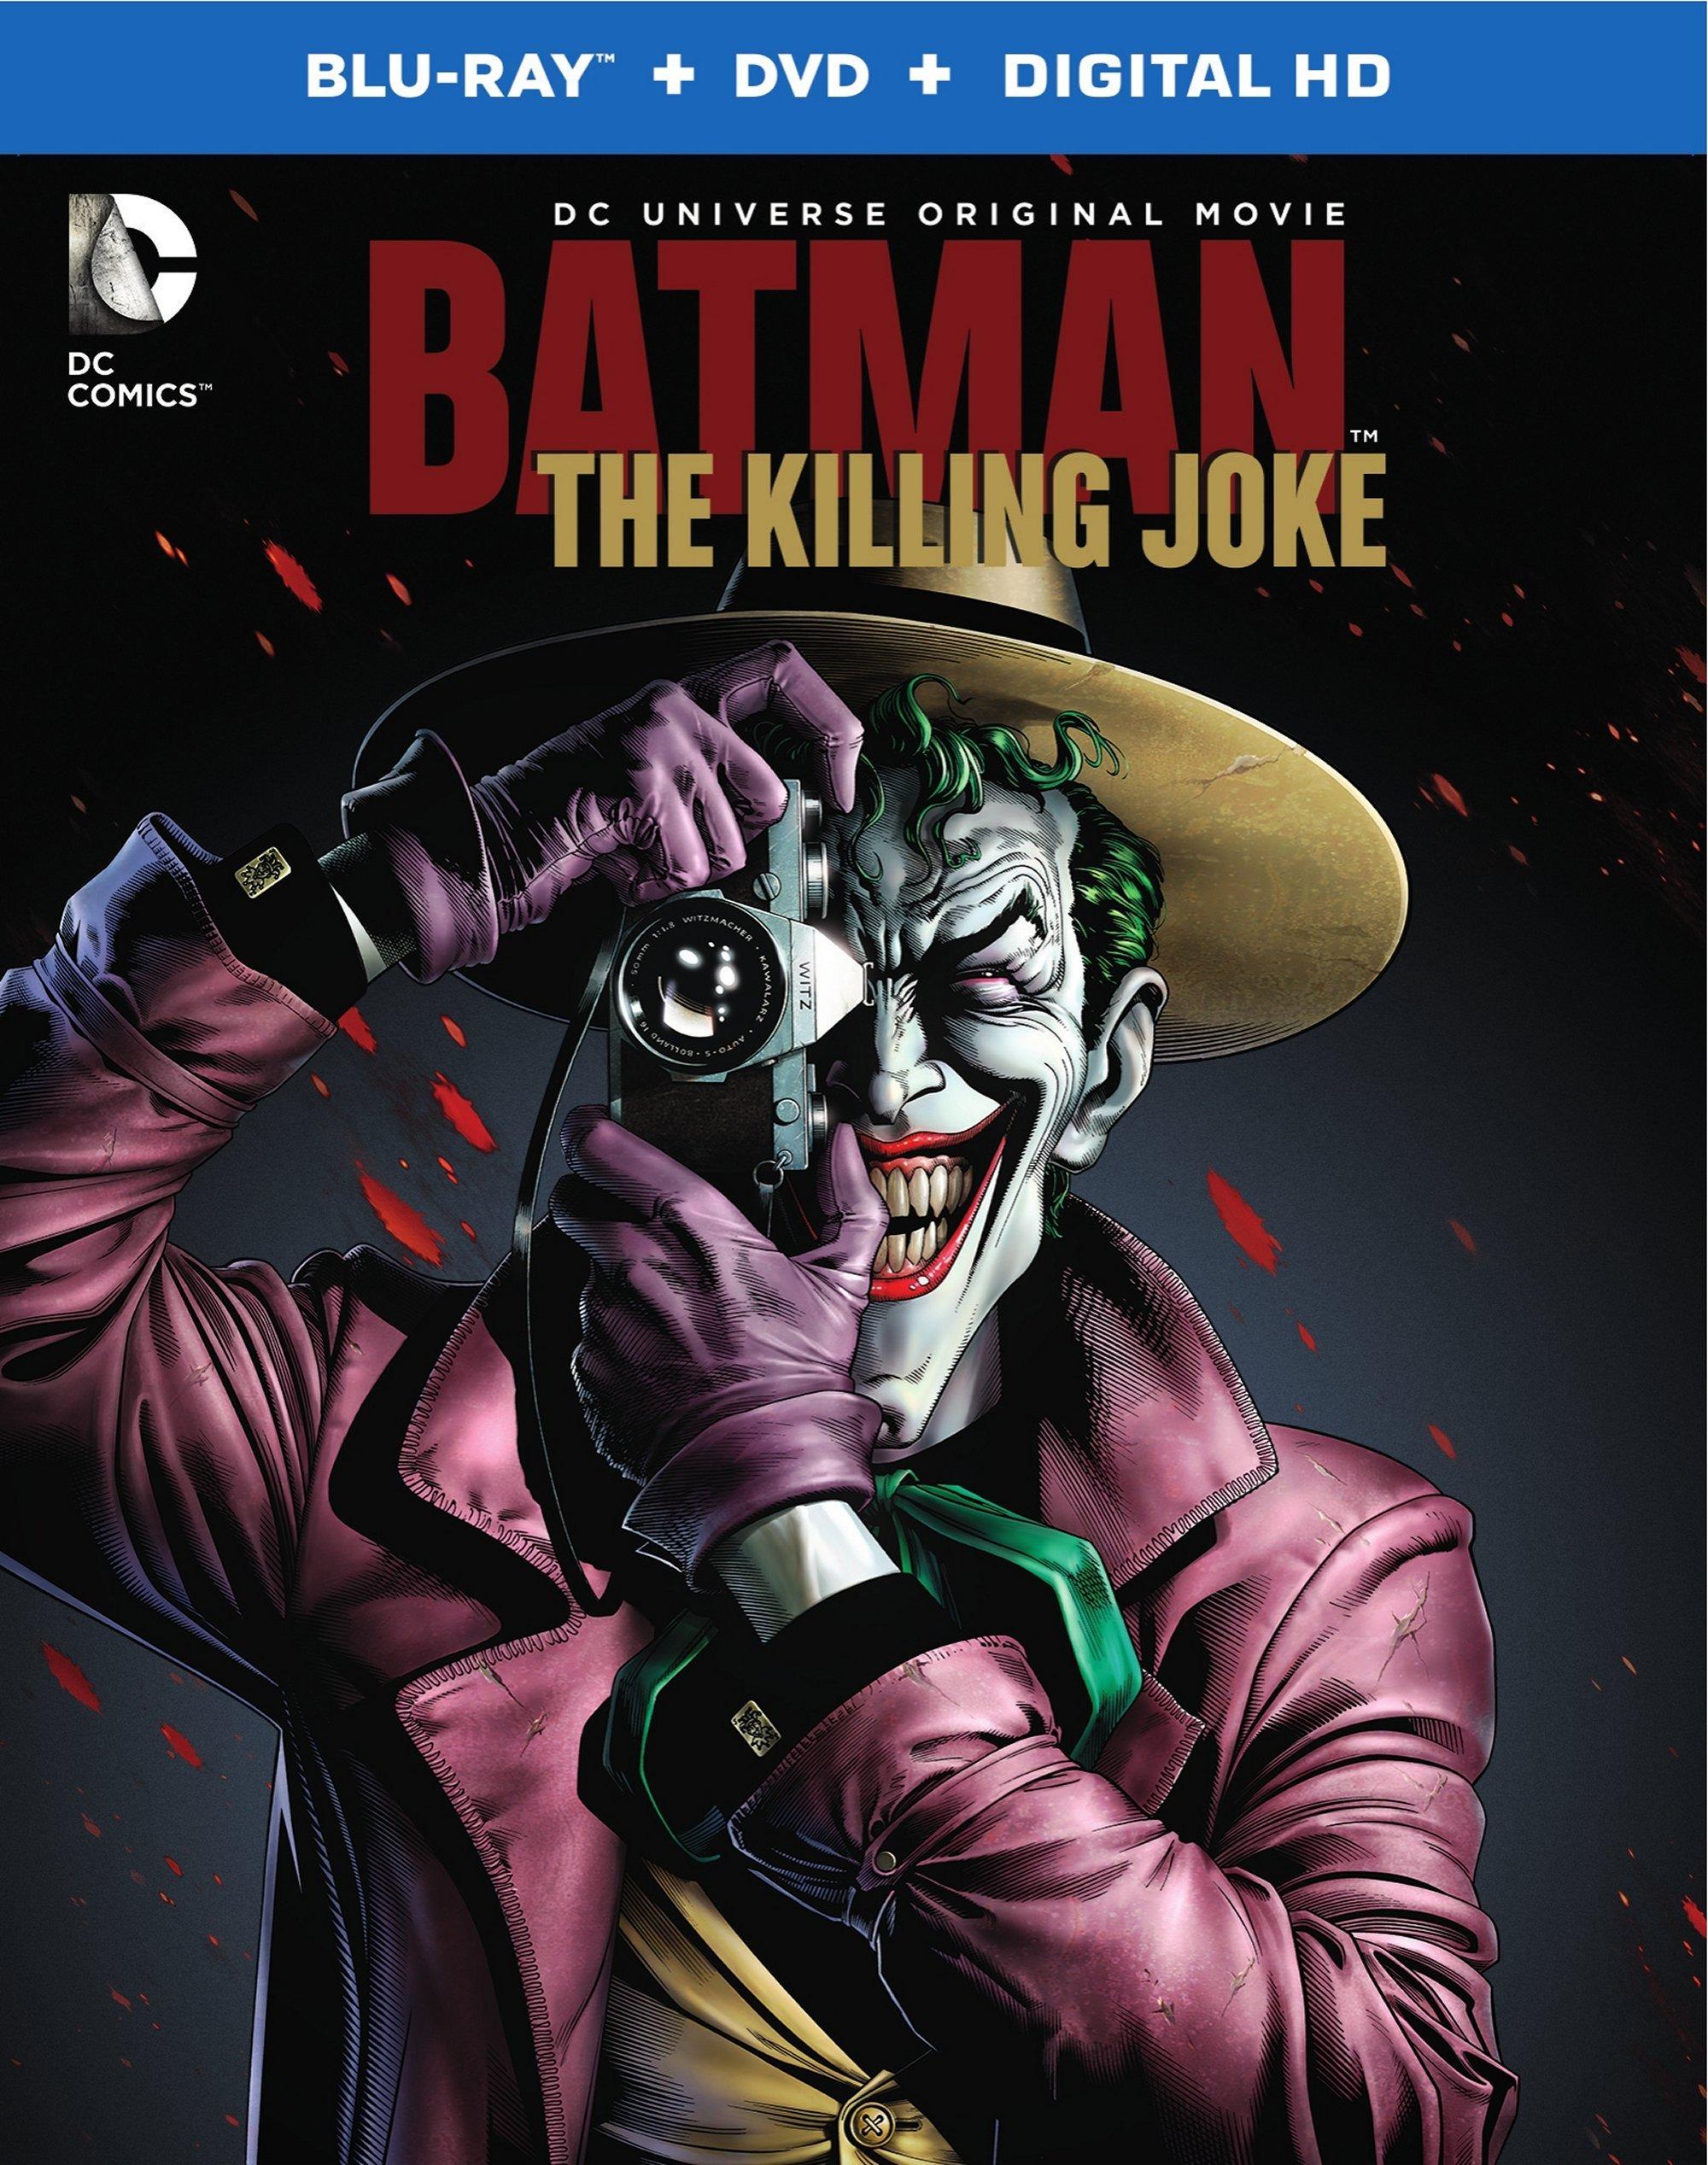 The Killing Joke Gets A Release Date